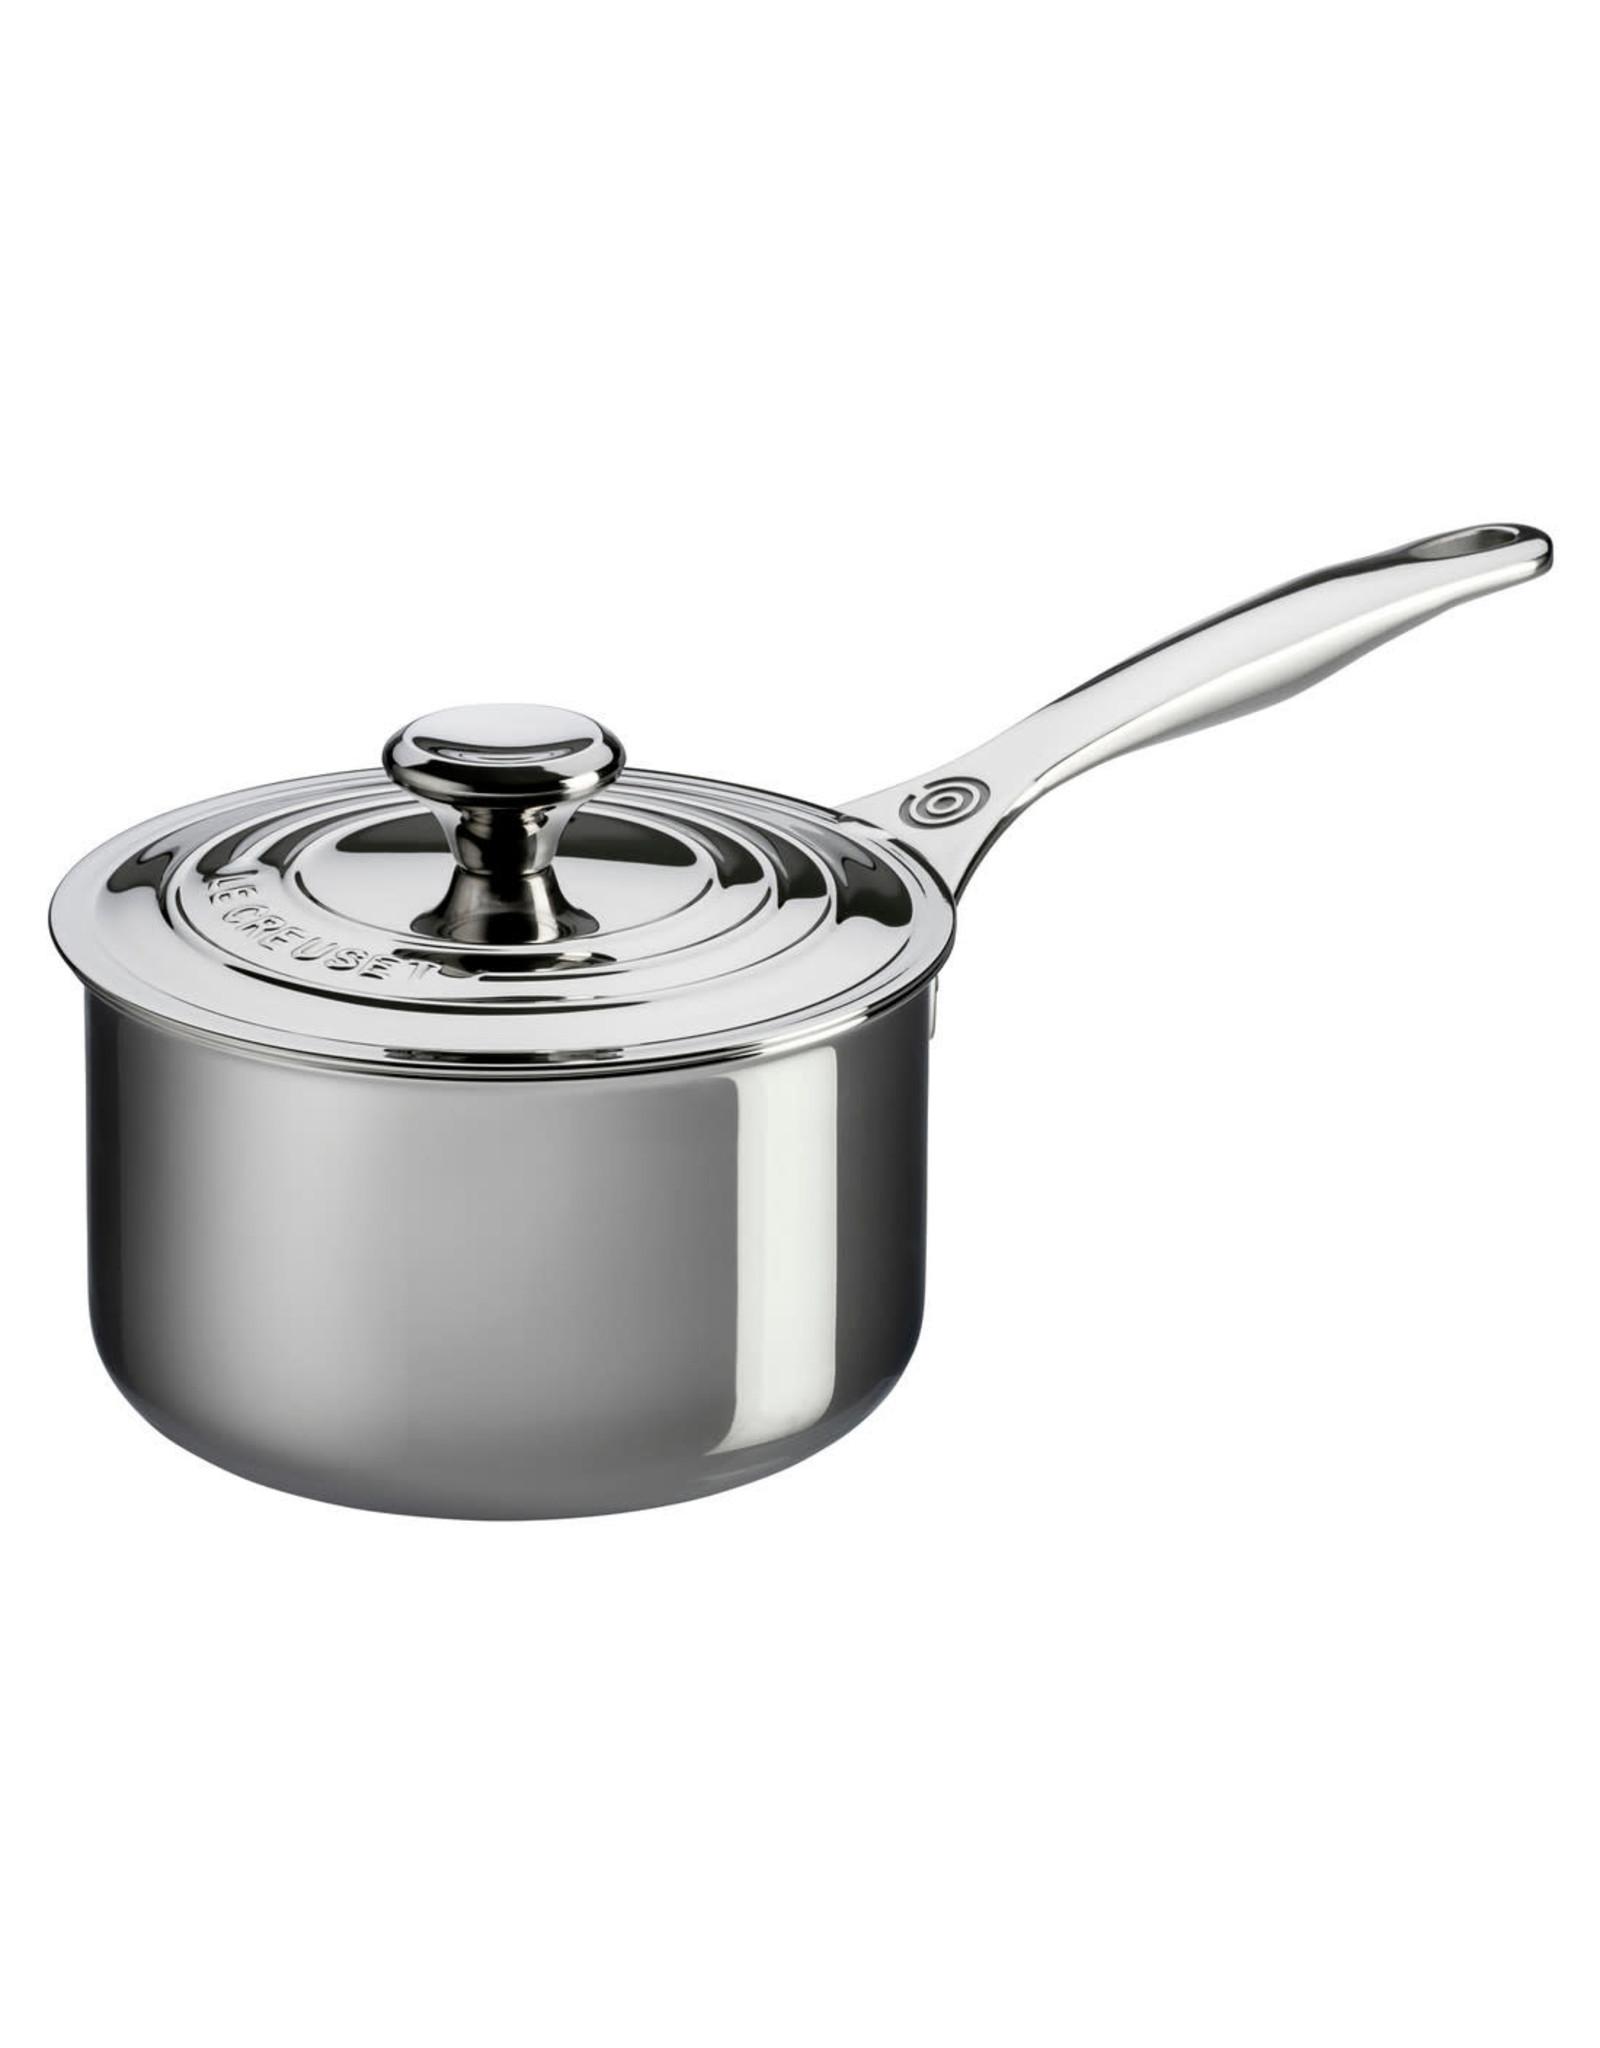 Le Creuset LE CREUSET- 3qt Stainless Steel Saucepan w Lid